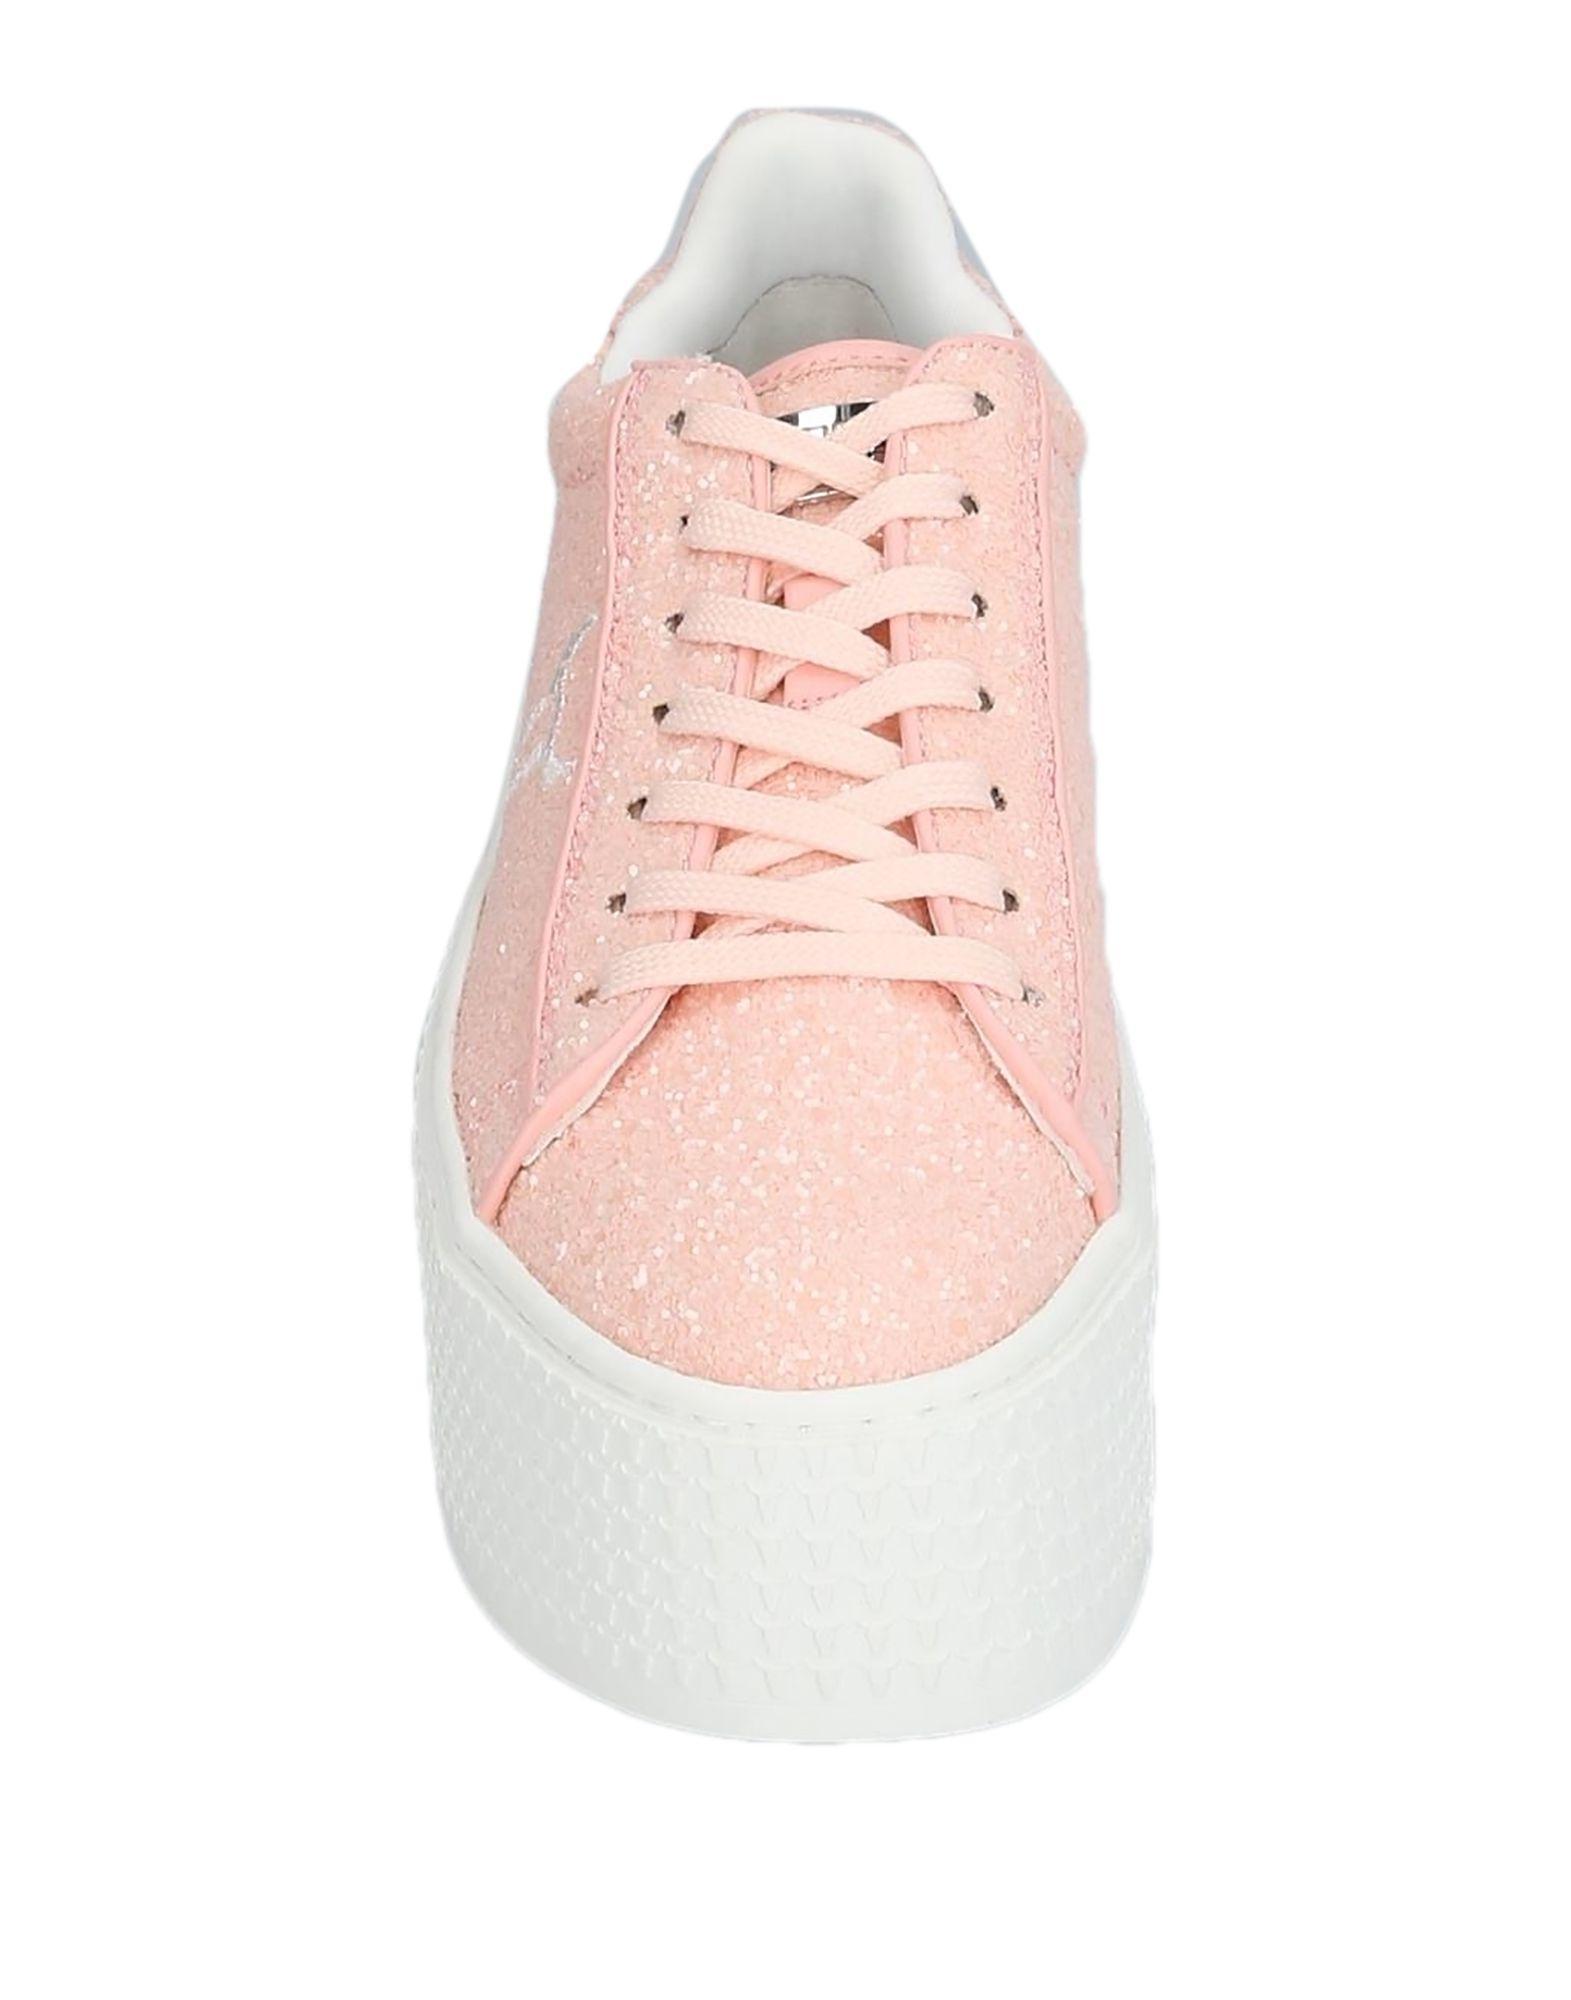 Sneakers & Tennis basses Windsor Smith en coloris Rose vSMd